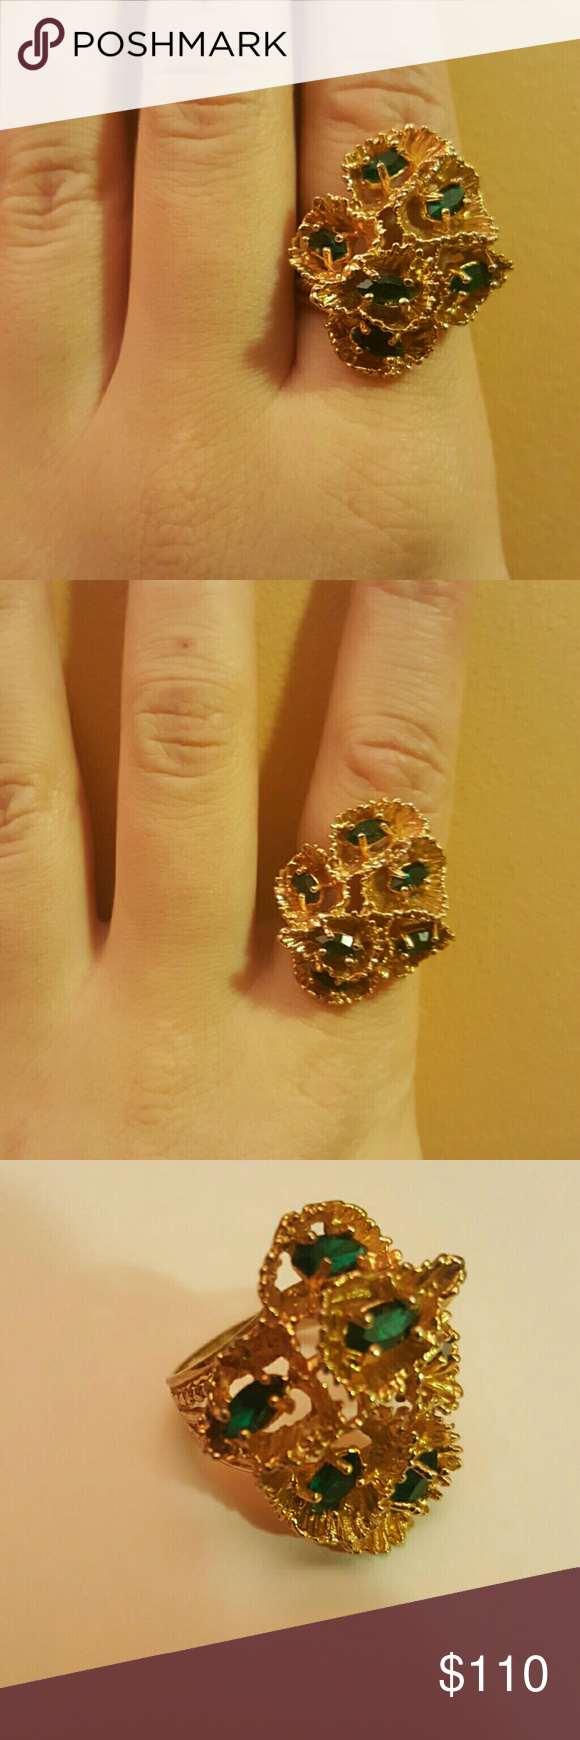 Rare Vintage 18kt Gold Gemstone Ring Gold Gemstone Ring Vintage Jewellery Rings 18kt Gold